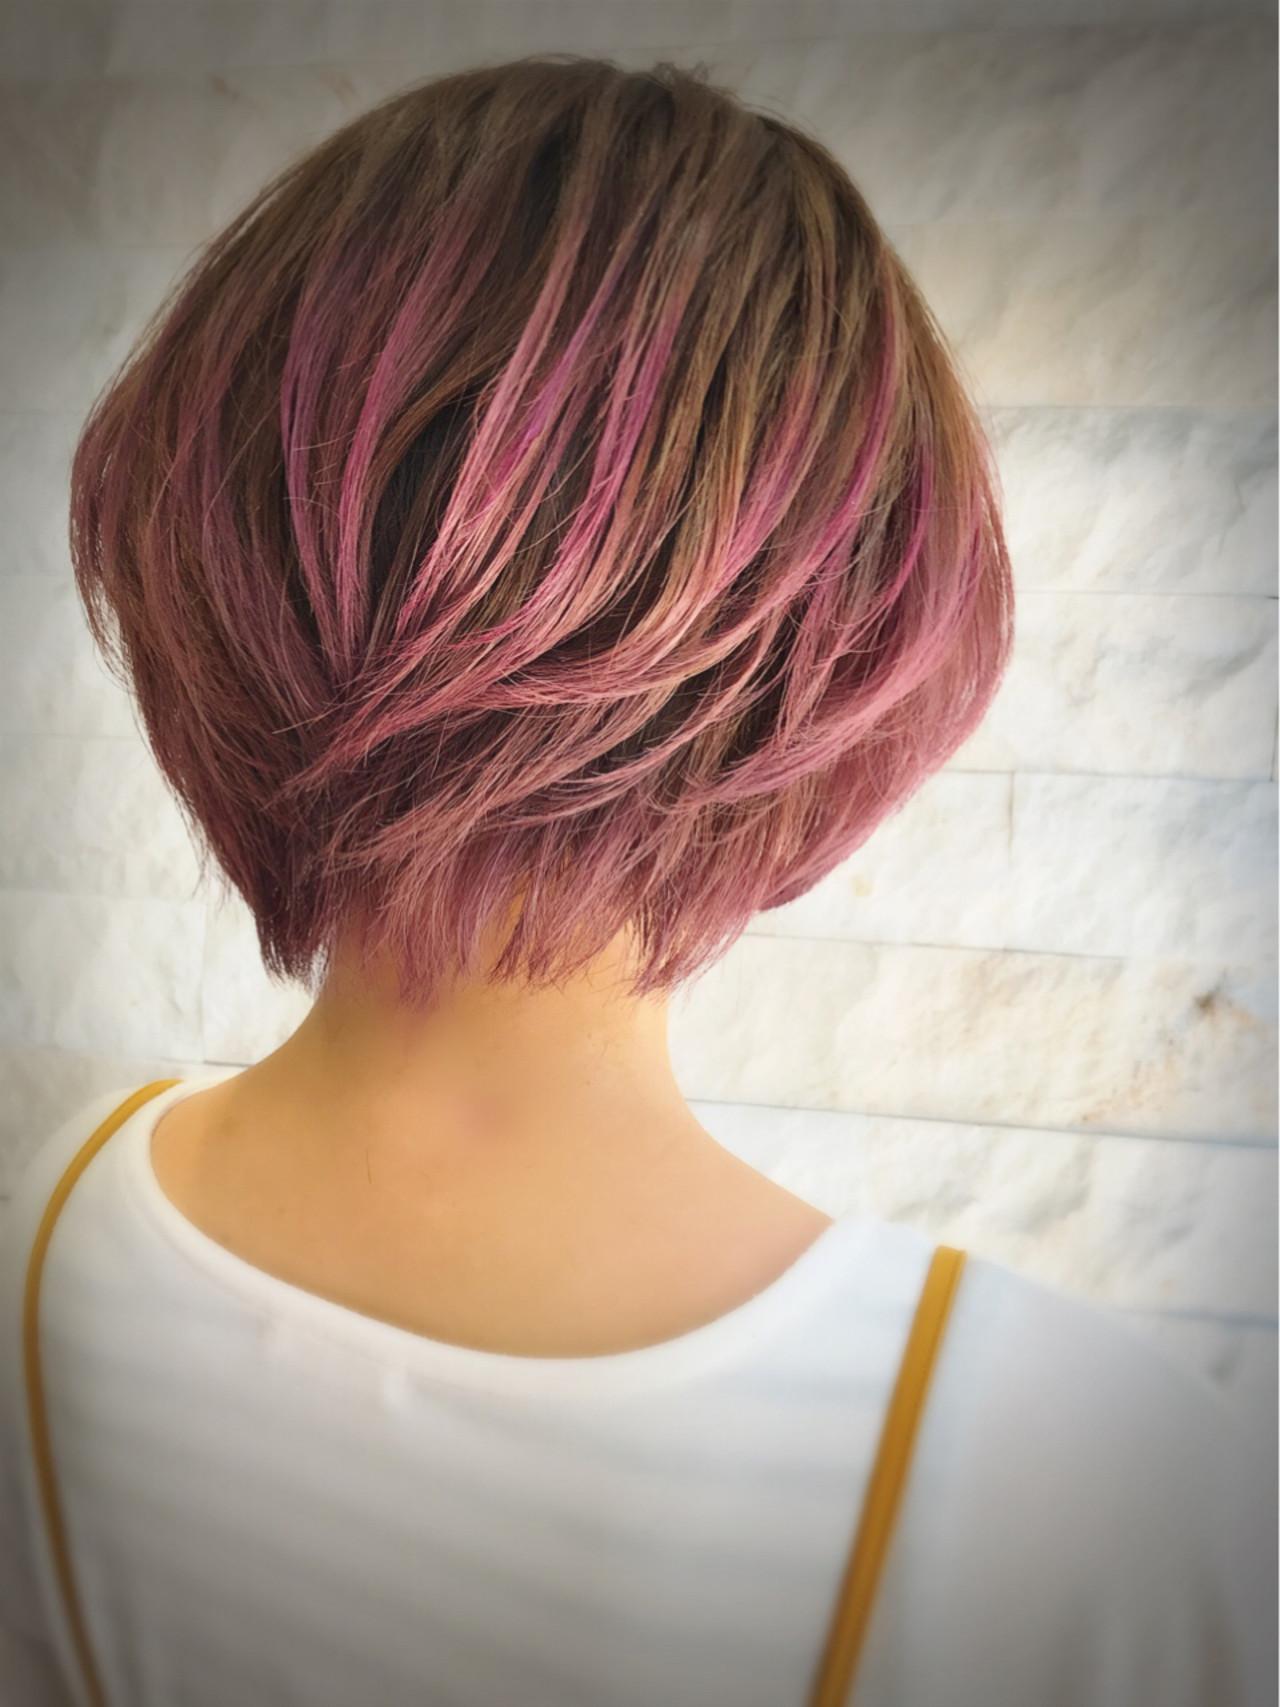 レッド・ピンク・パープル系カラー・ショート 平良 祥一